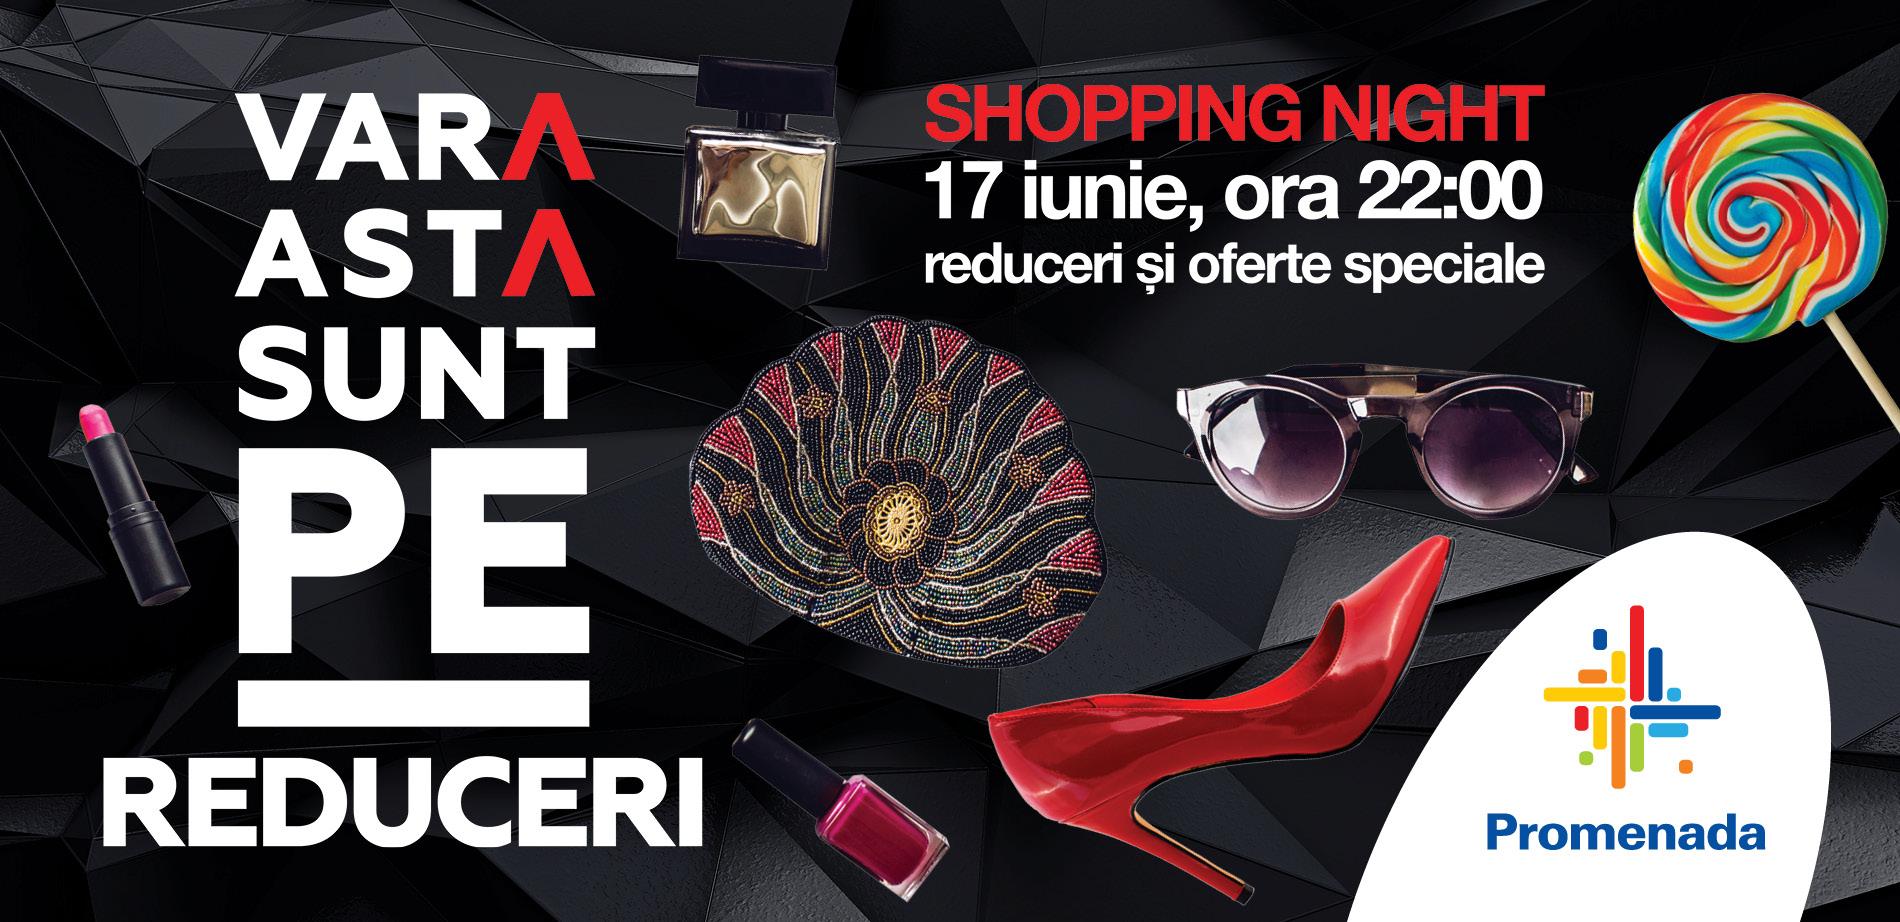 Shopping Night Promenada